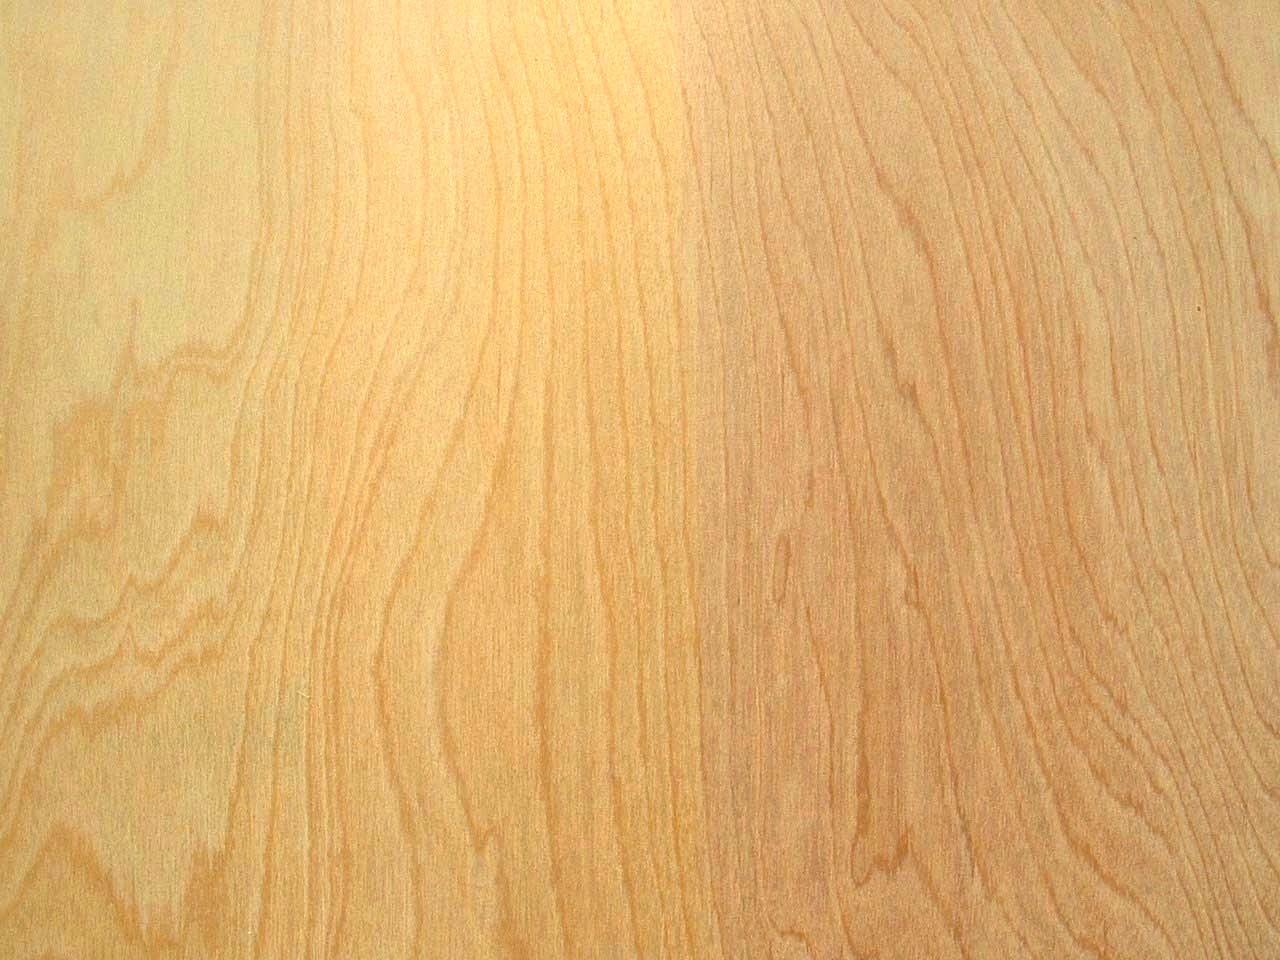 Editor audiovisuals el templat texturas de madera 4 - Madera de abedul ...